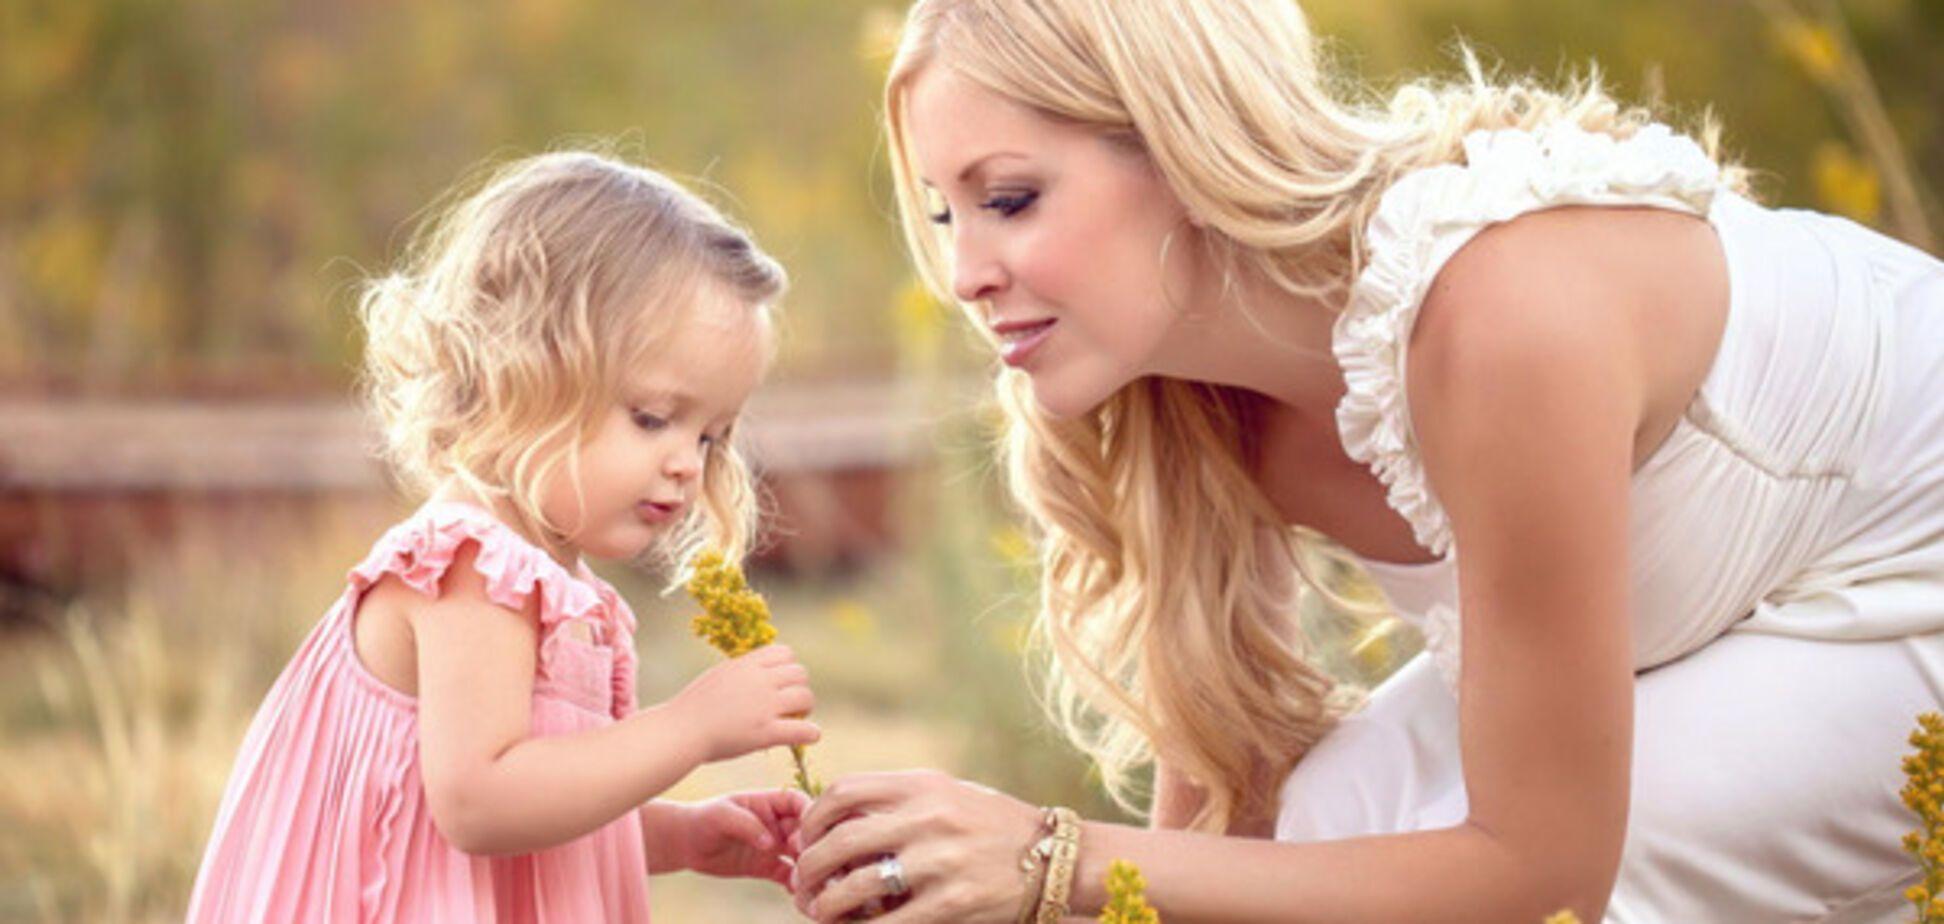 Избежать разочарований: пять вещей, которых не стоит ожидать от своих детей